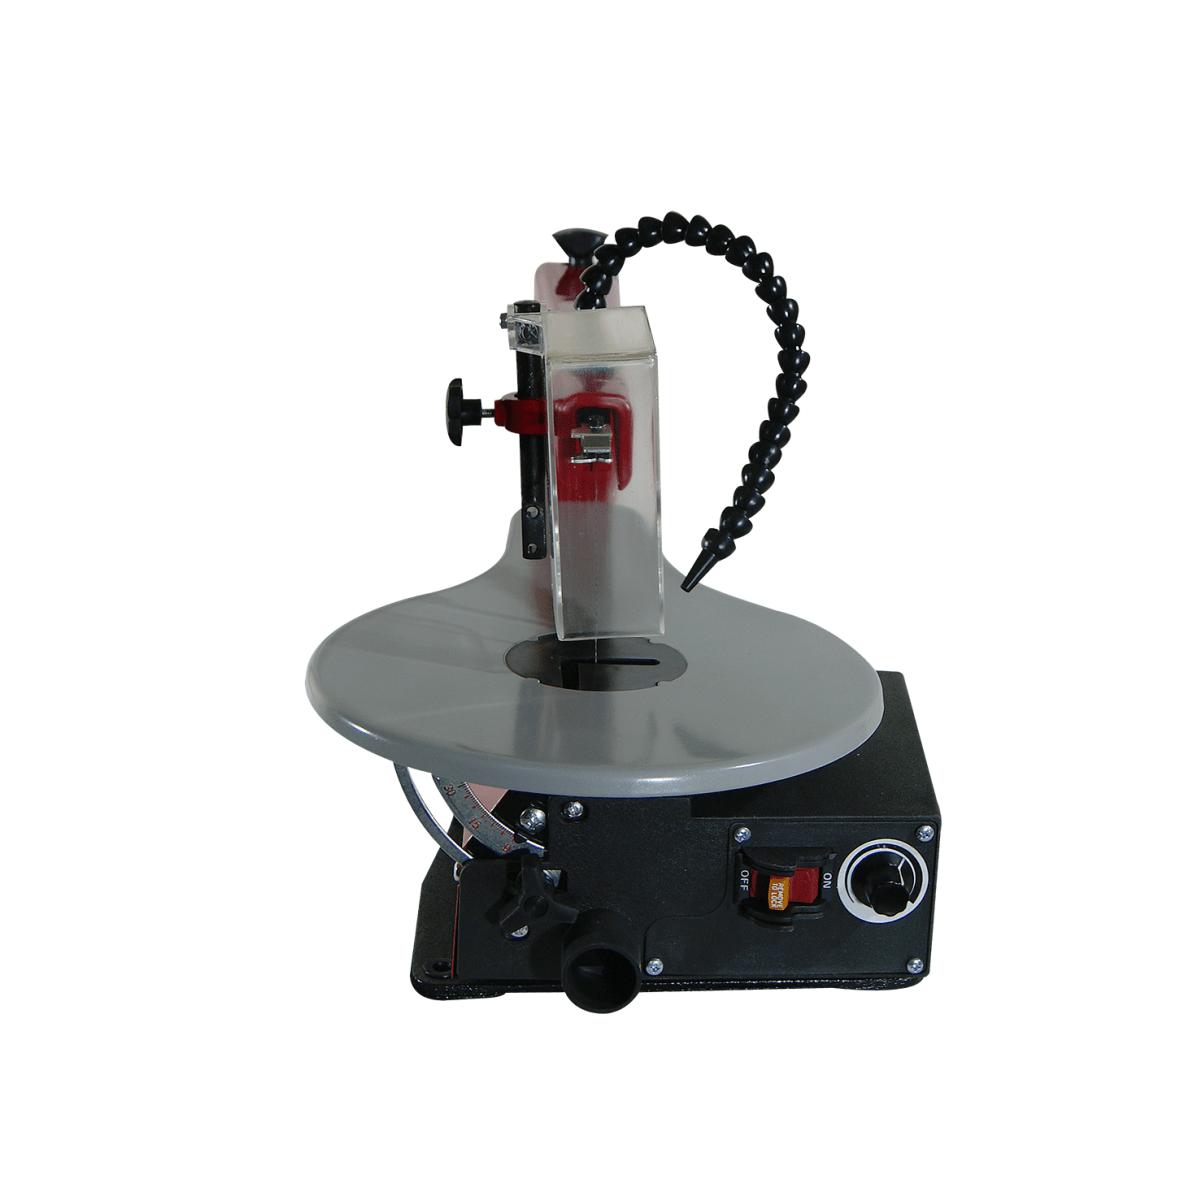 Serra Tico Tico de Bancada 220v STM-100CV  Lynus